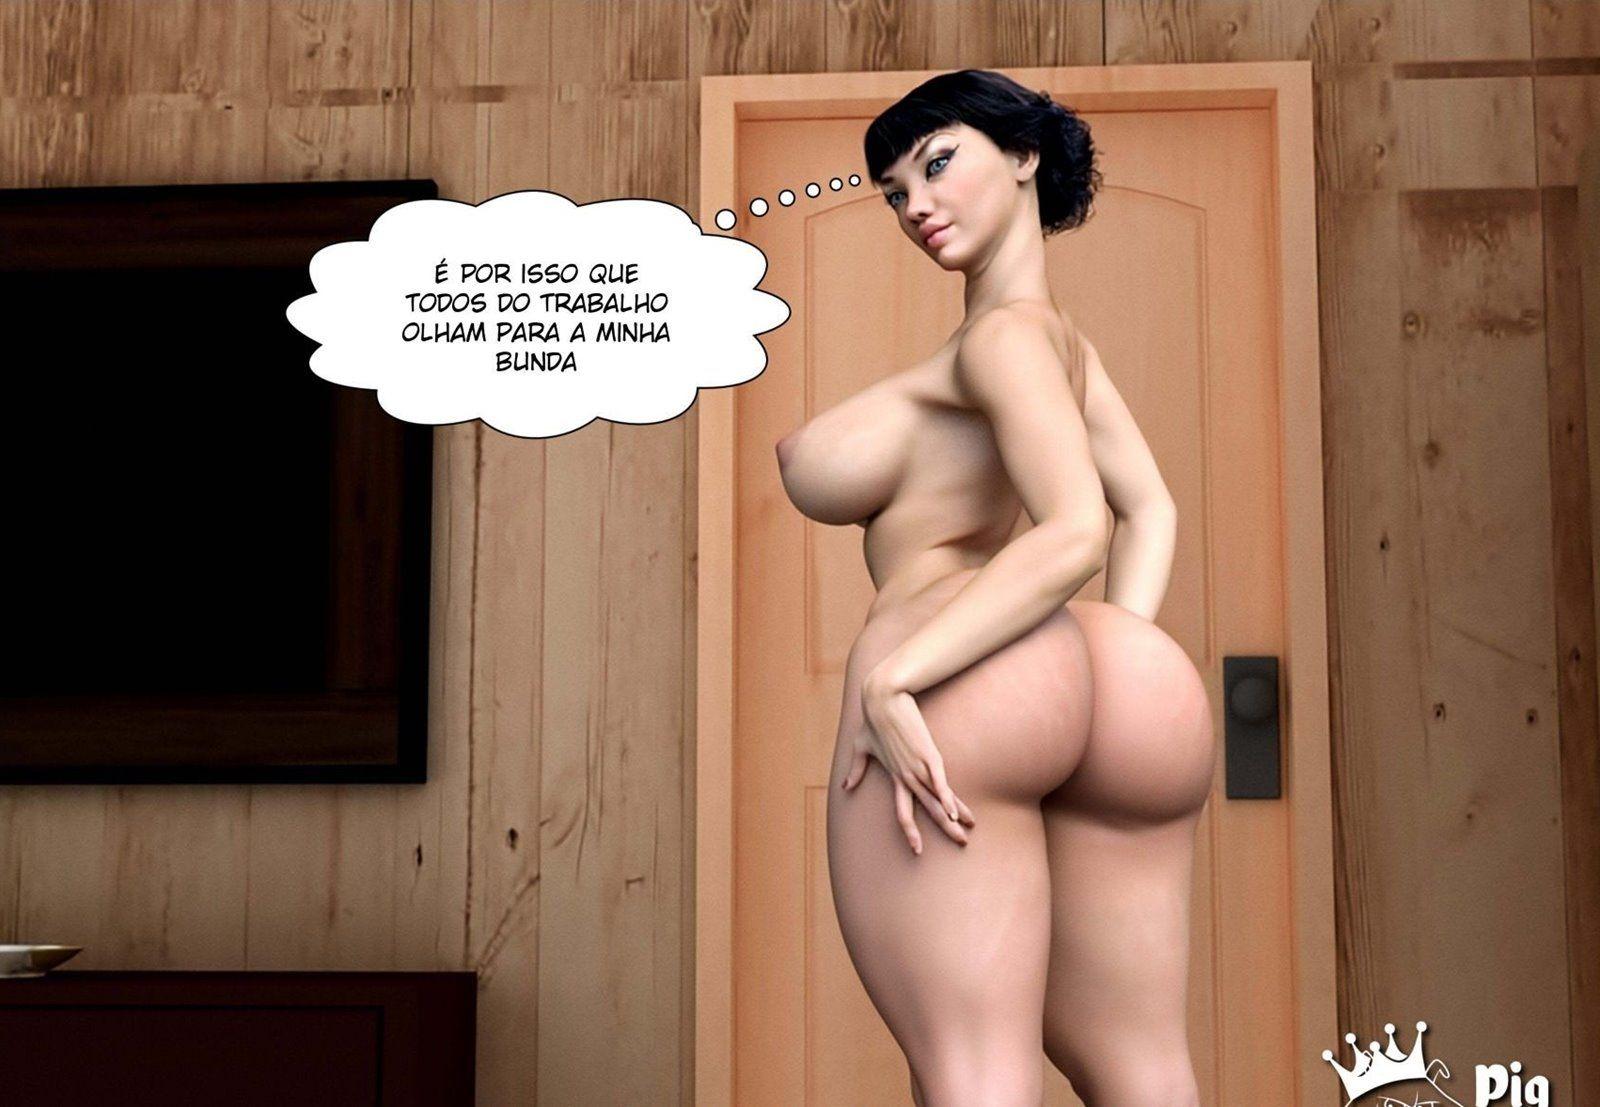 quadrinhos eróticos sem saída 7